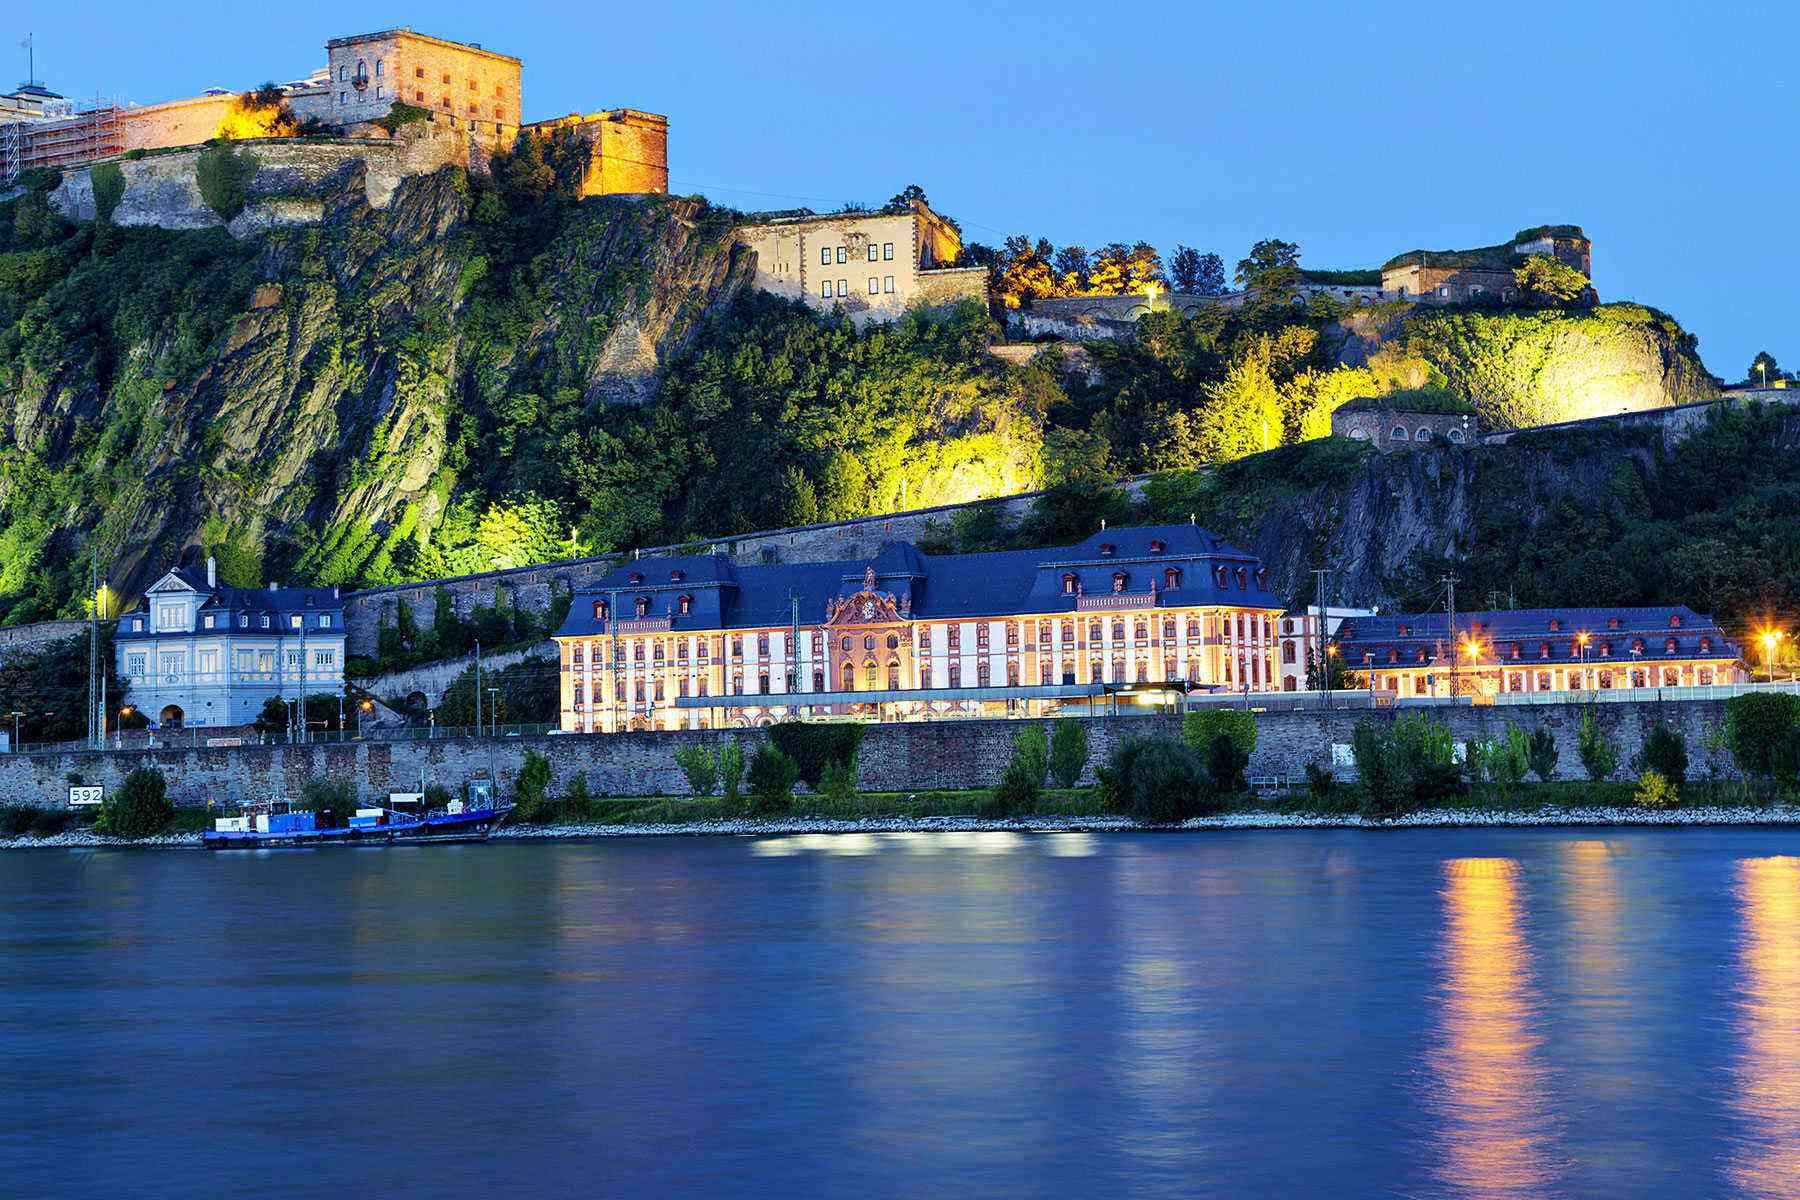 Rhine-River-Cruise-Koblenz-1